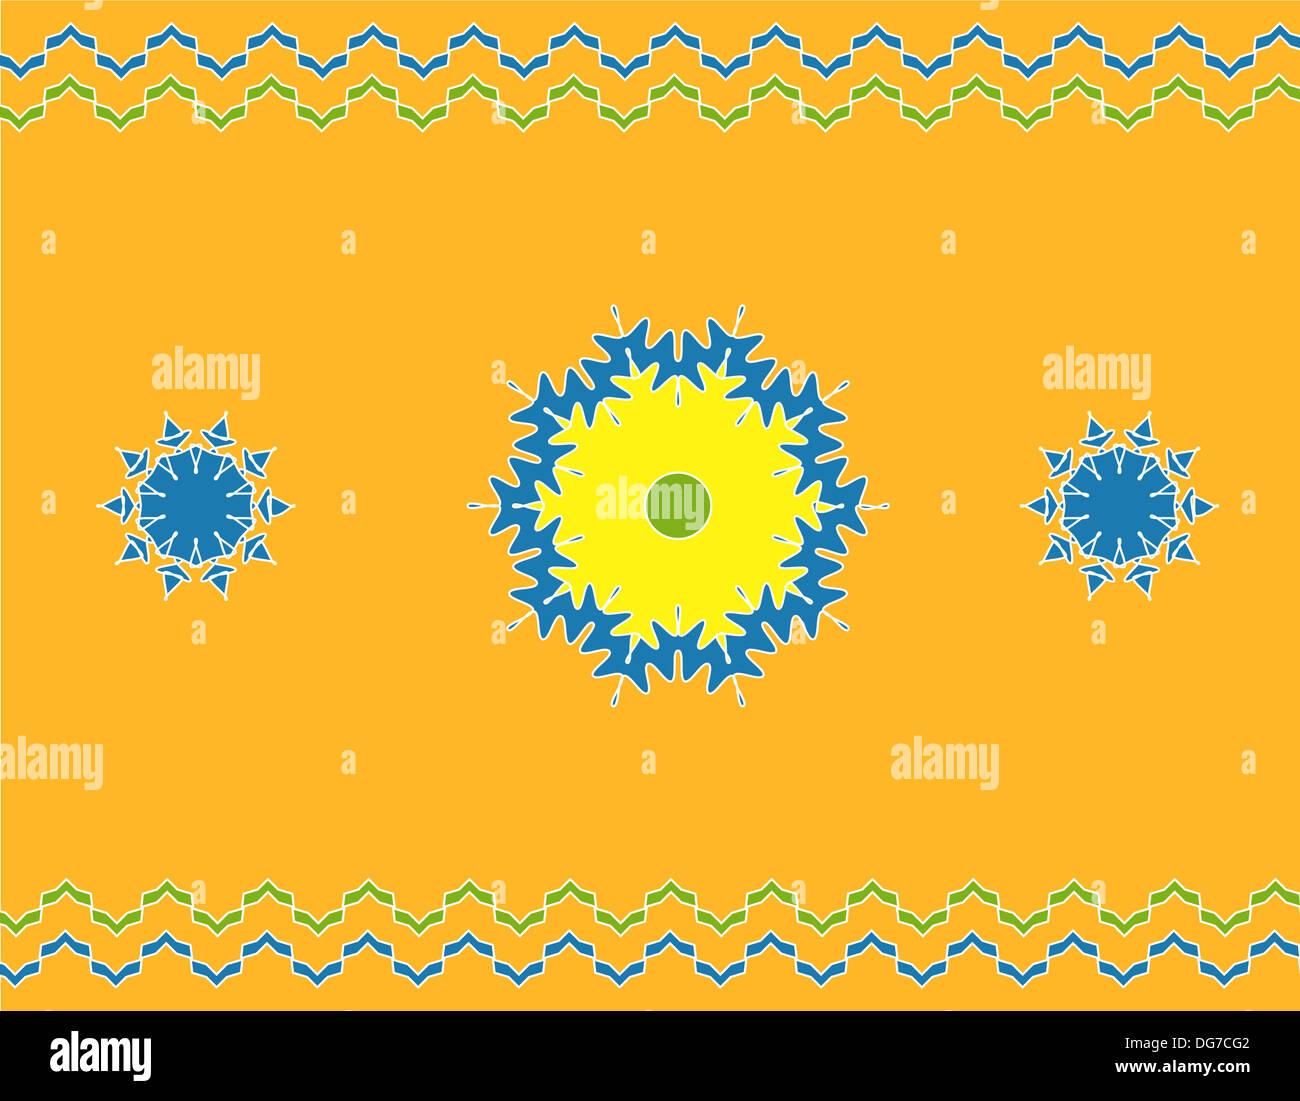 Artistic mandala pattern with border on orange Stock Photo